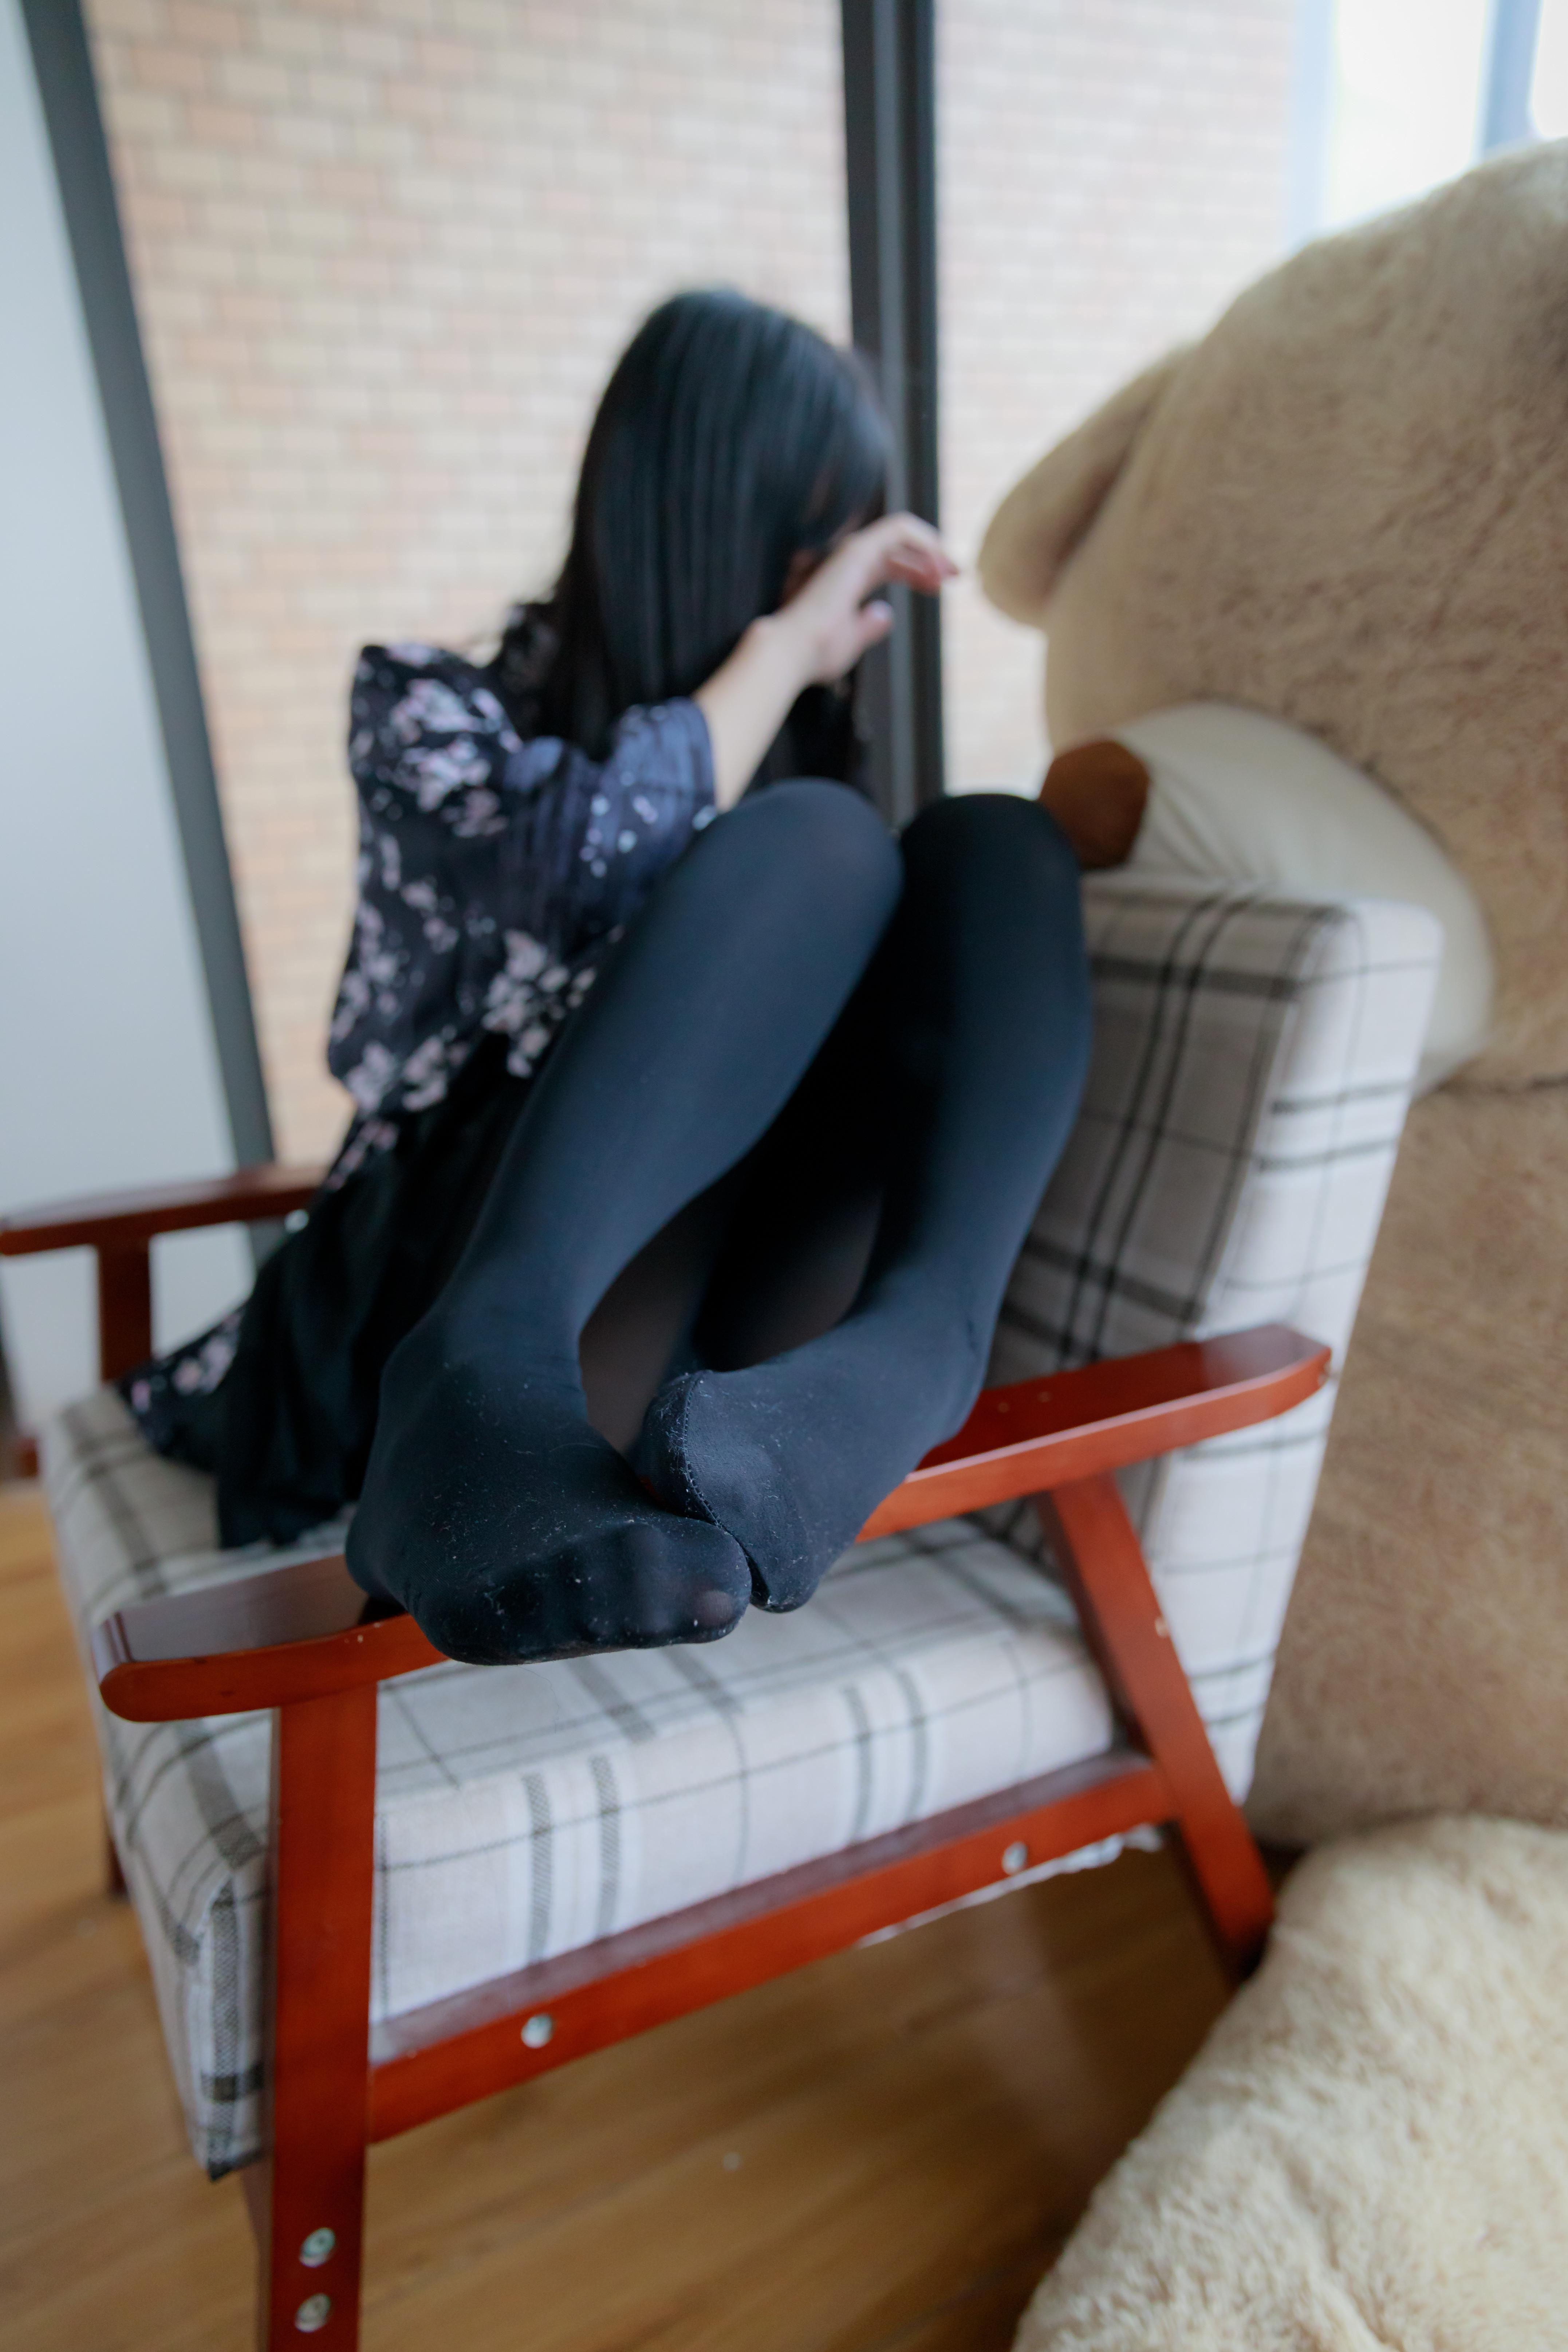 喵写真 赠品 01 无水印(萝莉之 还可以在座一个人吗??)